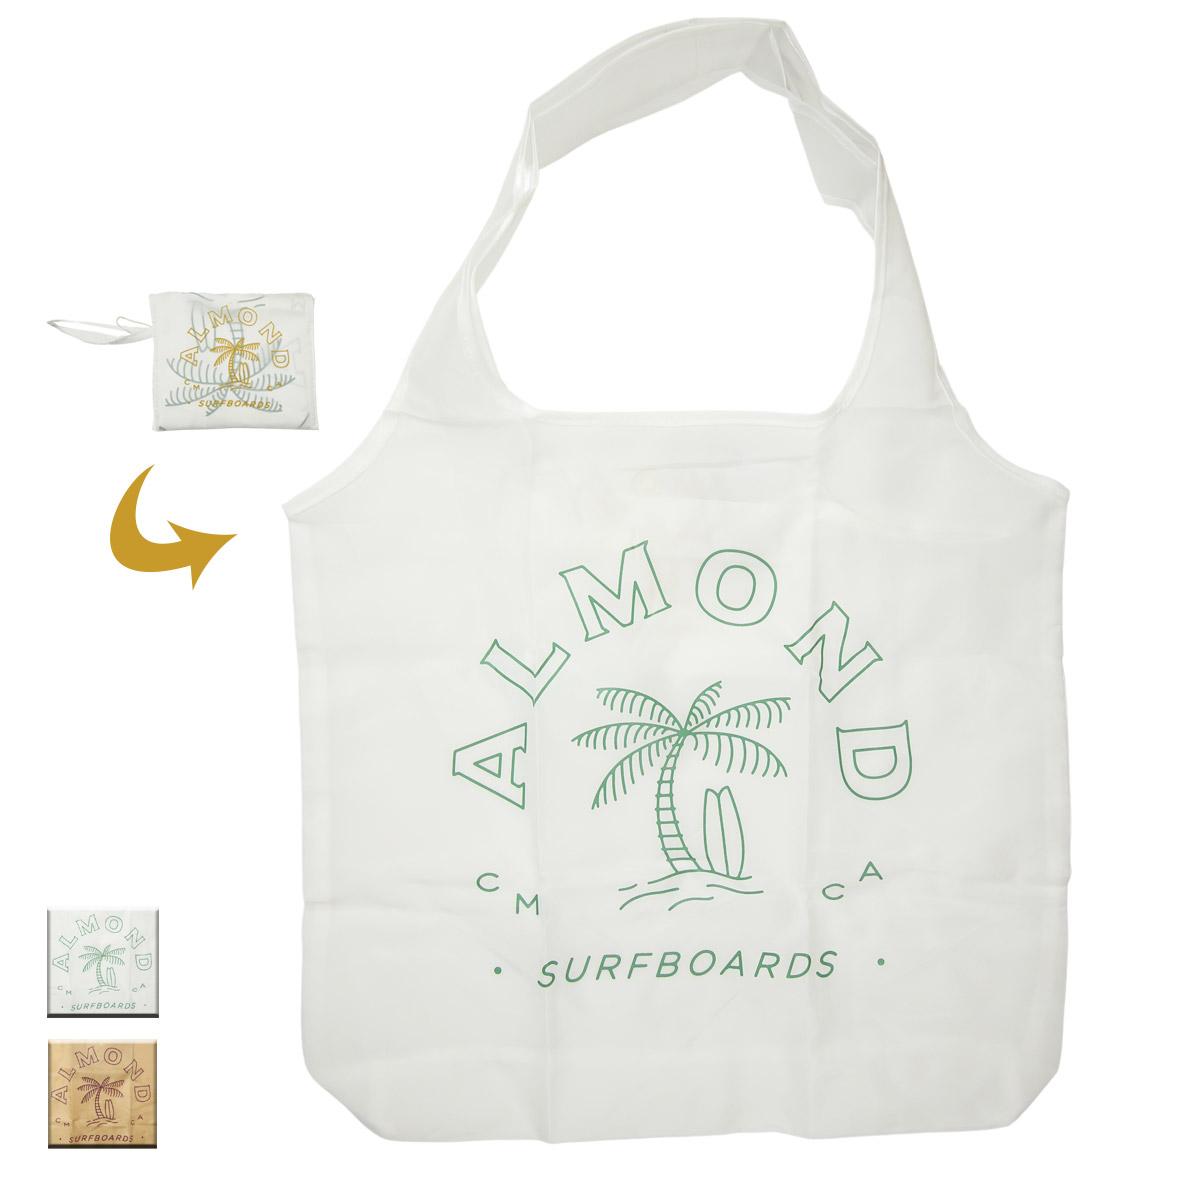 Almond Surf アーモンドサーフボードデザイン ECO BAG